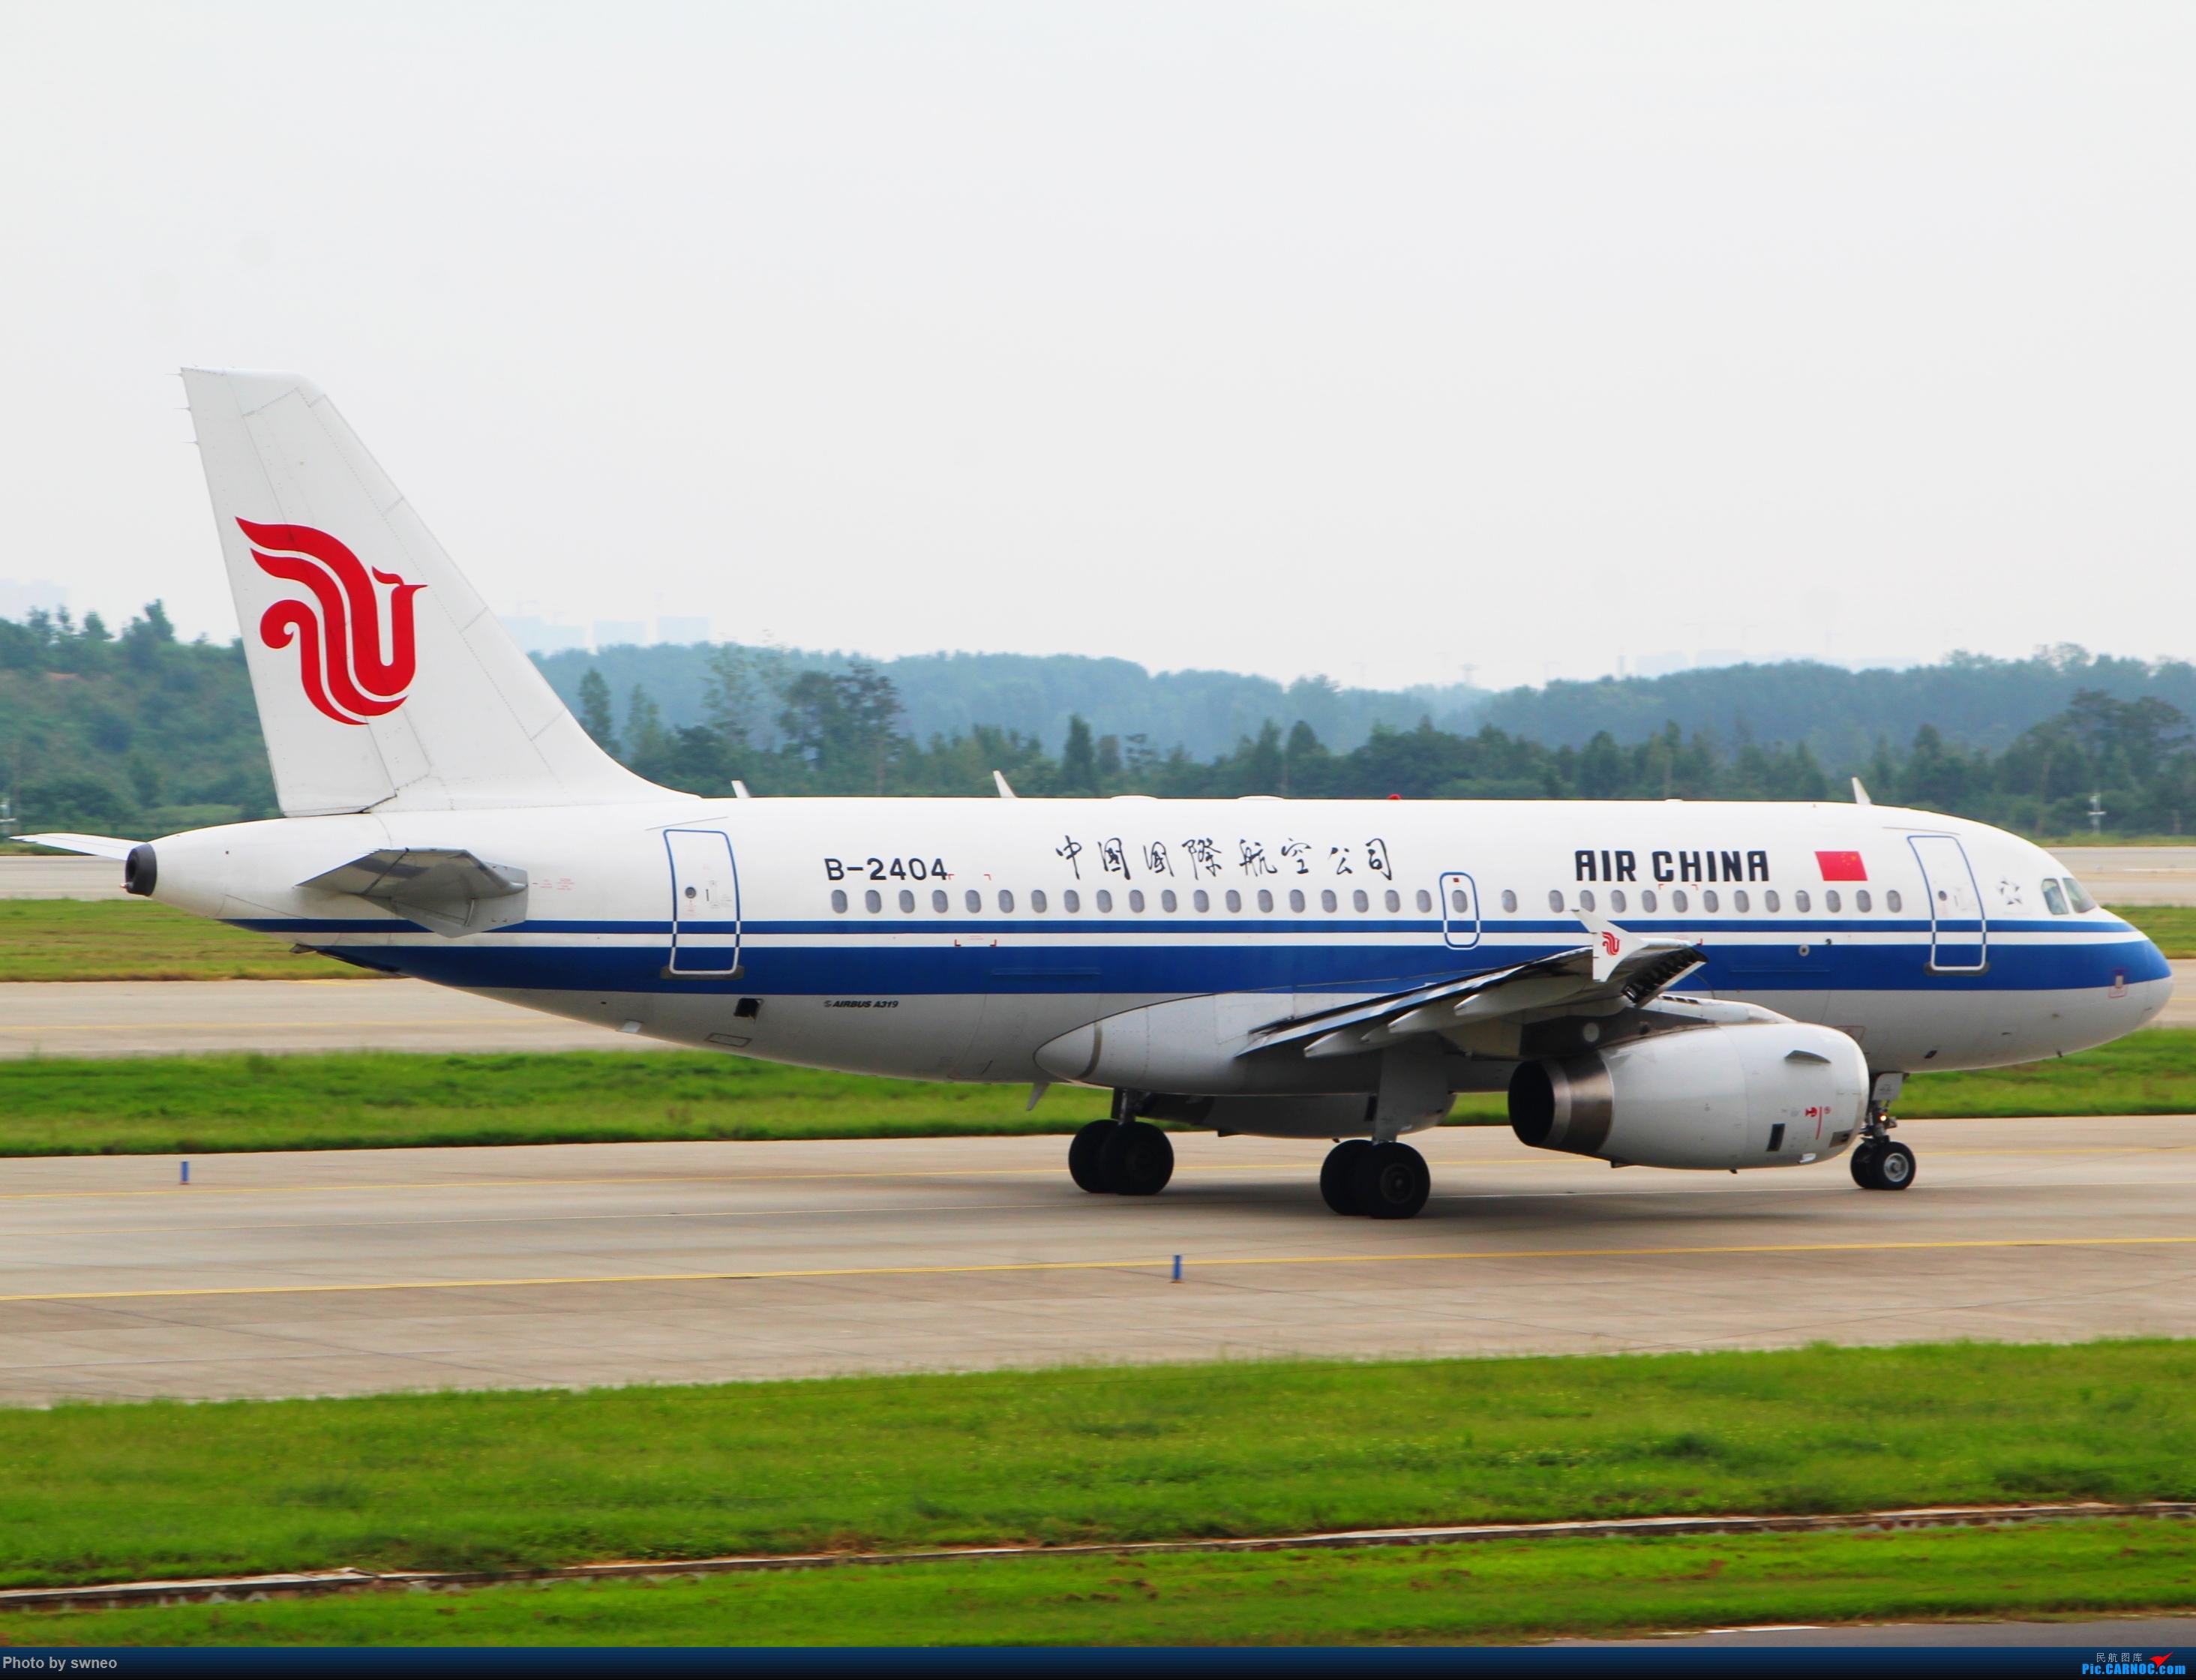 Re:[原创]CGO萌新拍机 AIRBUS A319-100 B-2404 中国郑州新郑国际机场